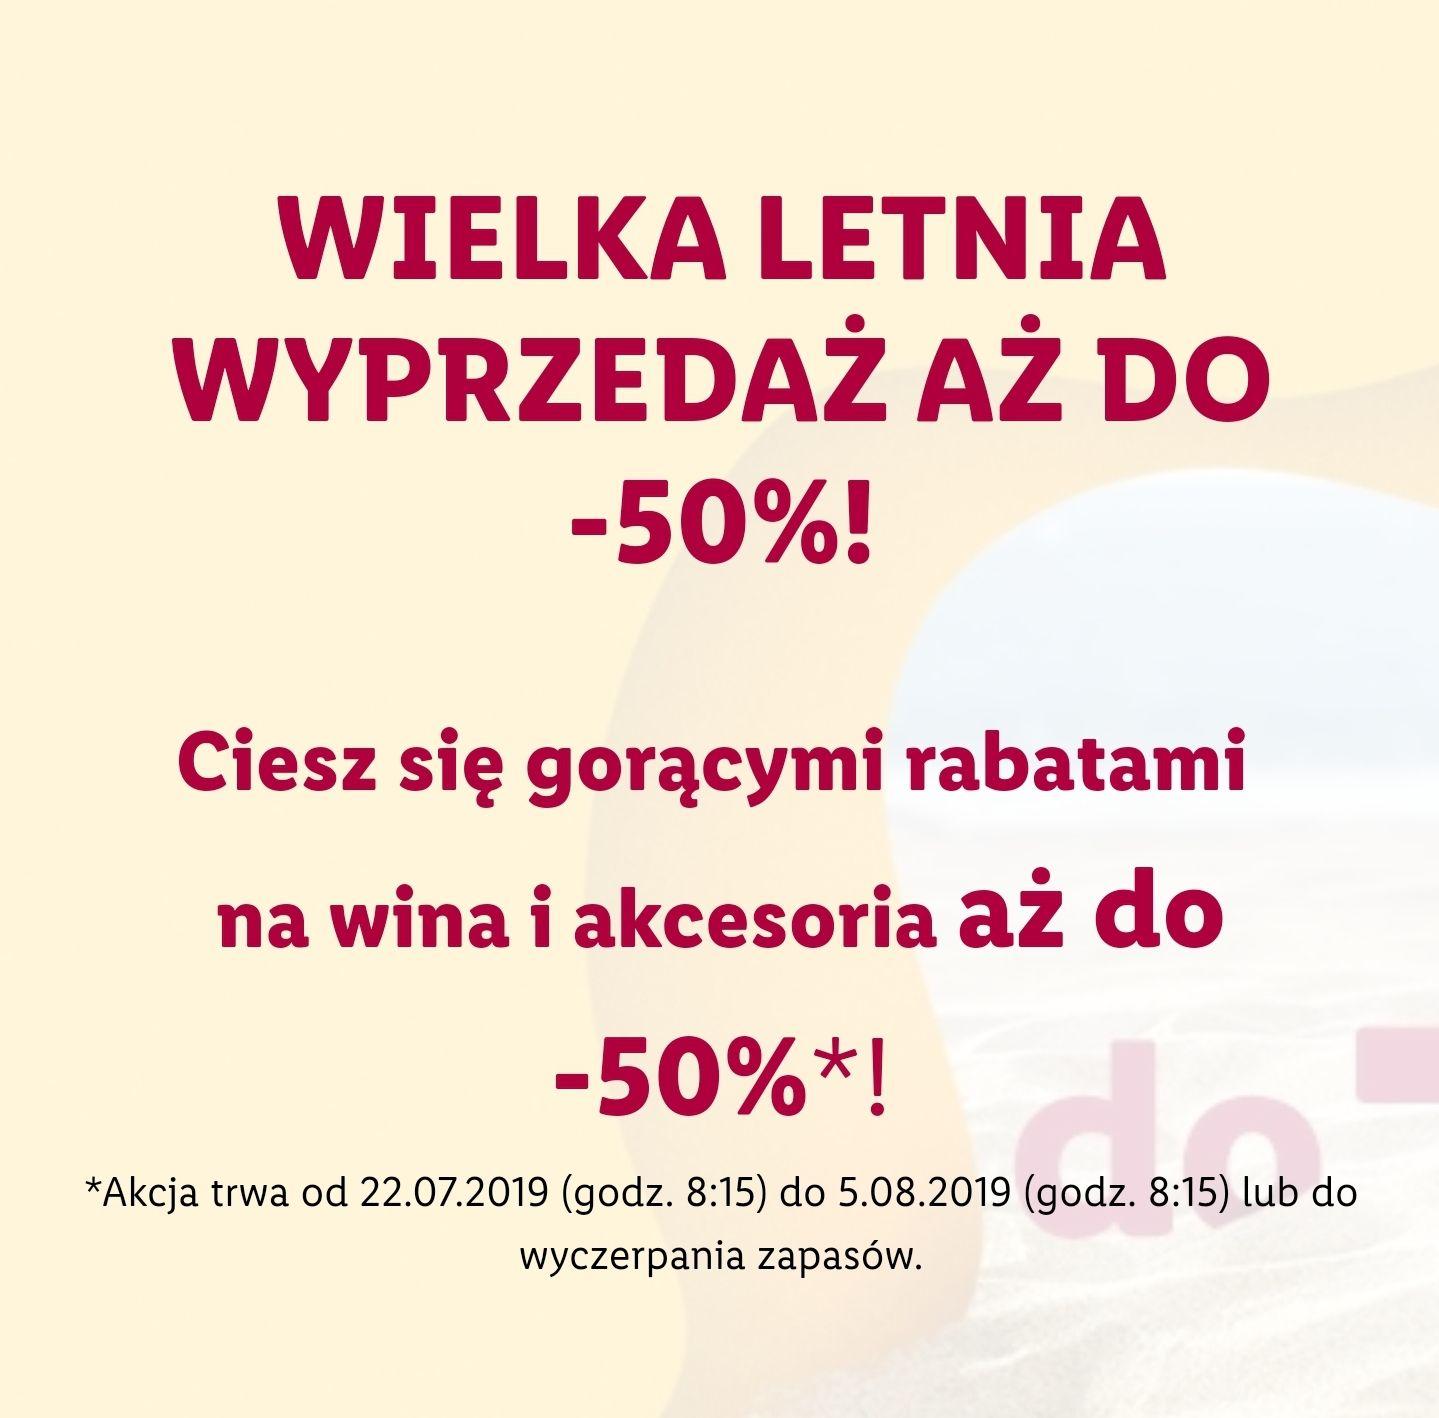 Winnica Lidla do minus 50%